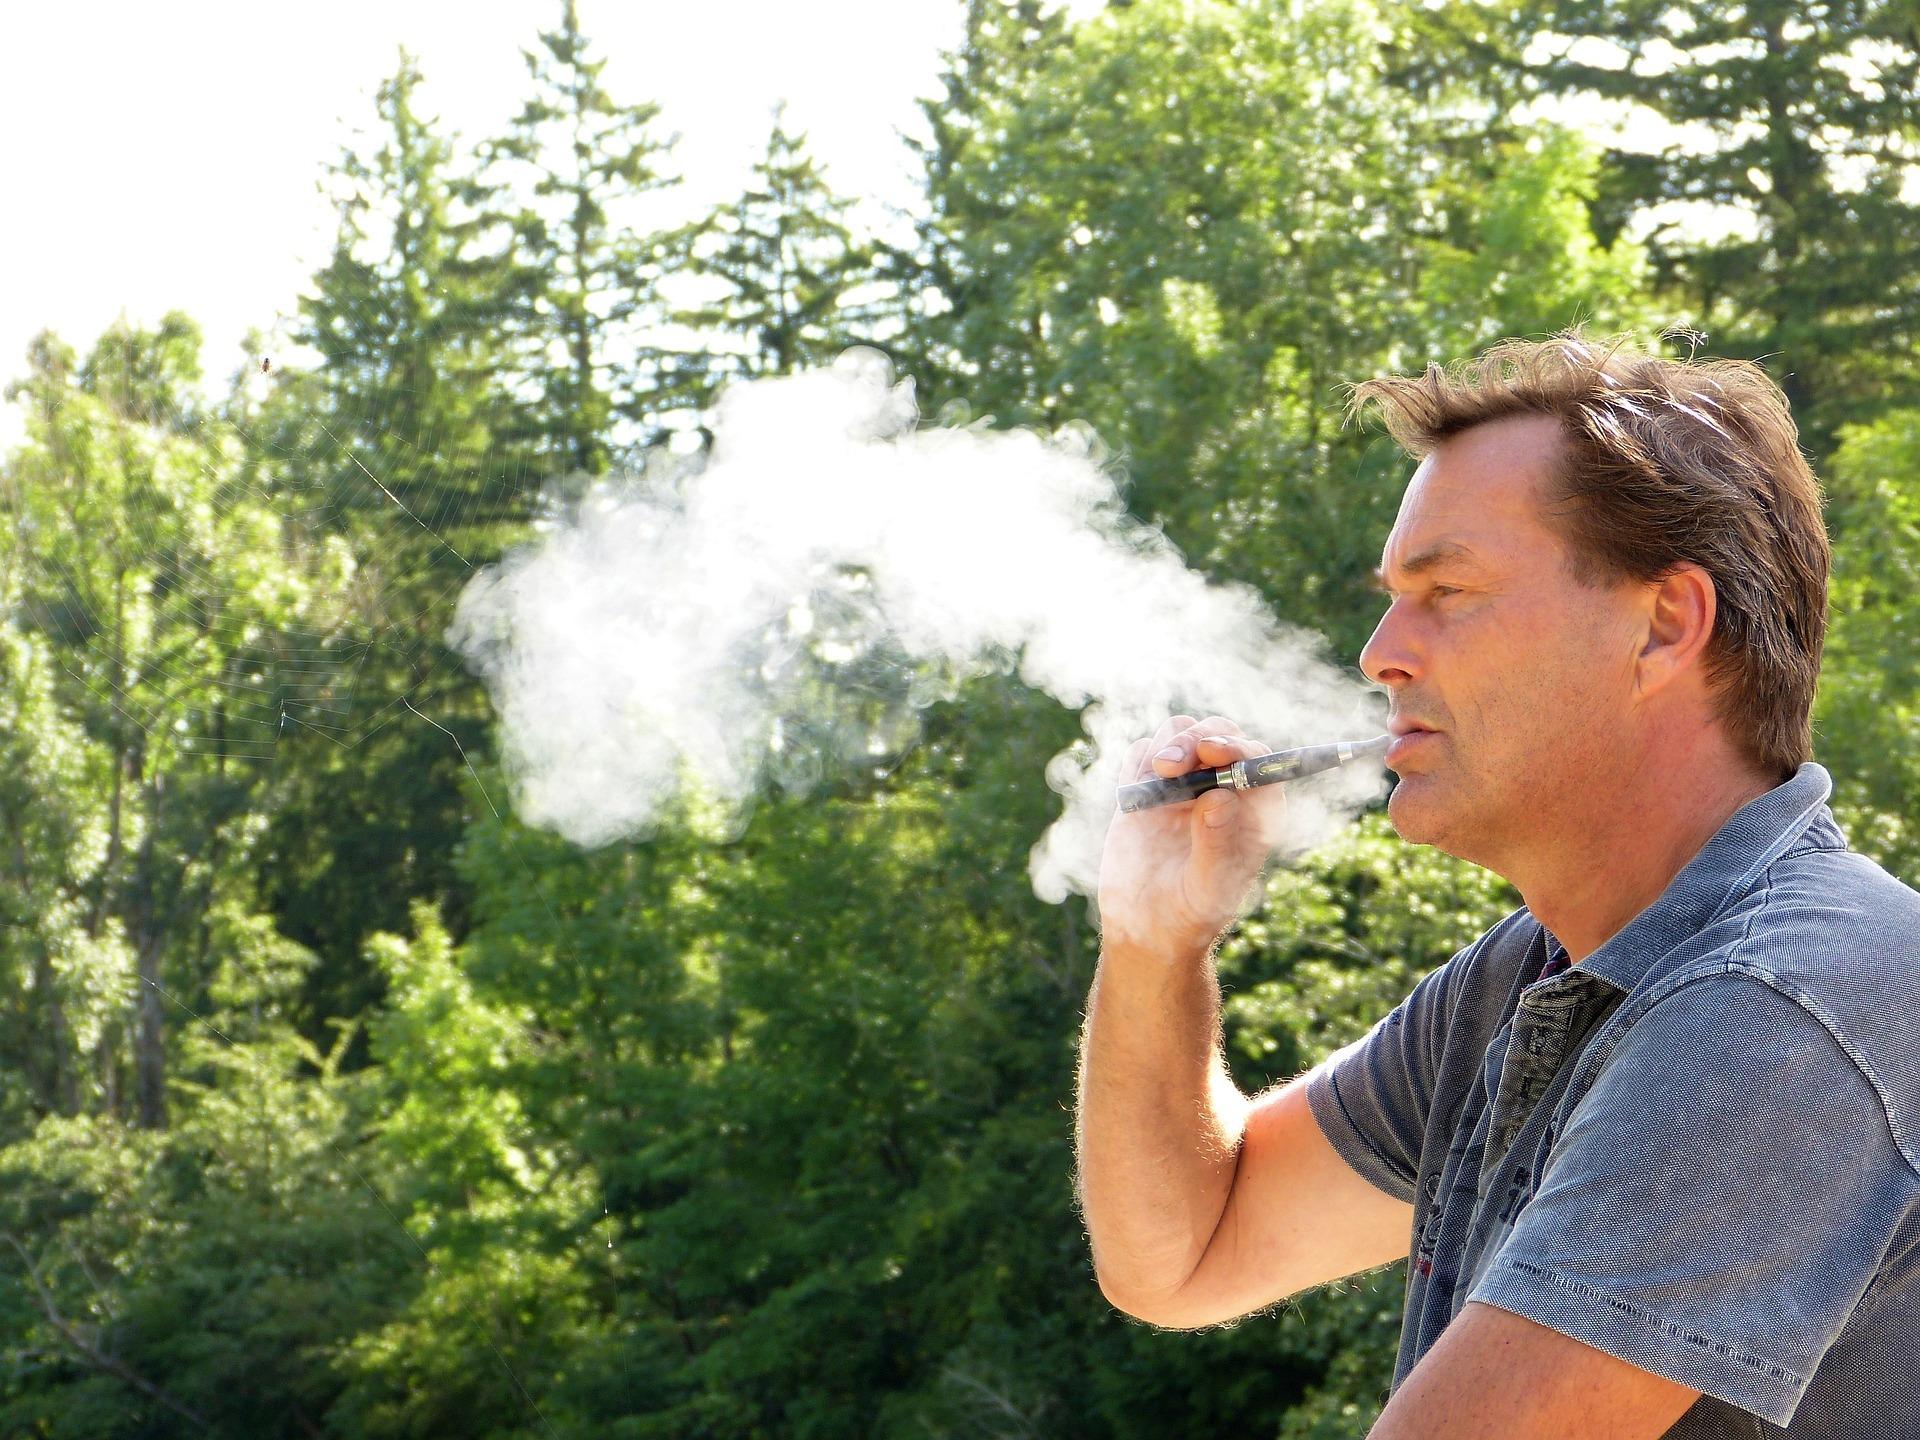 e-papierosy powodują raka?